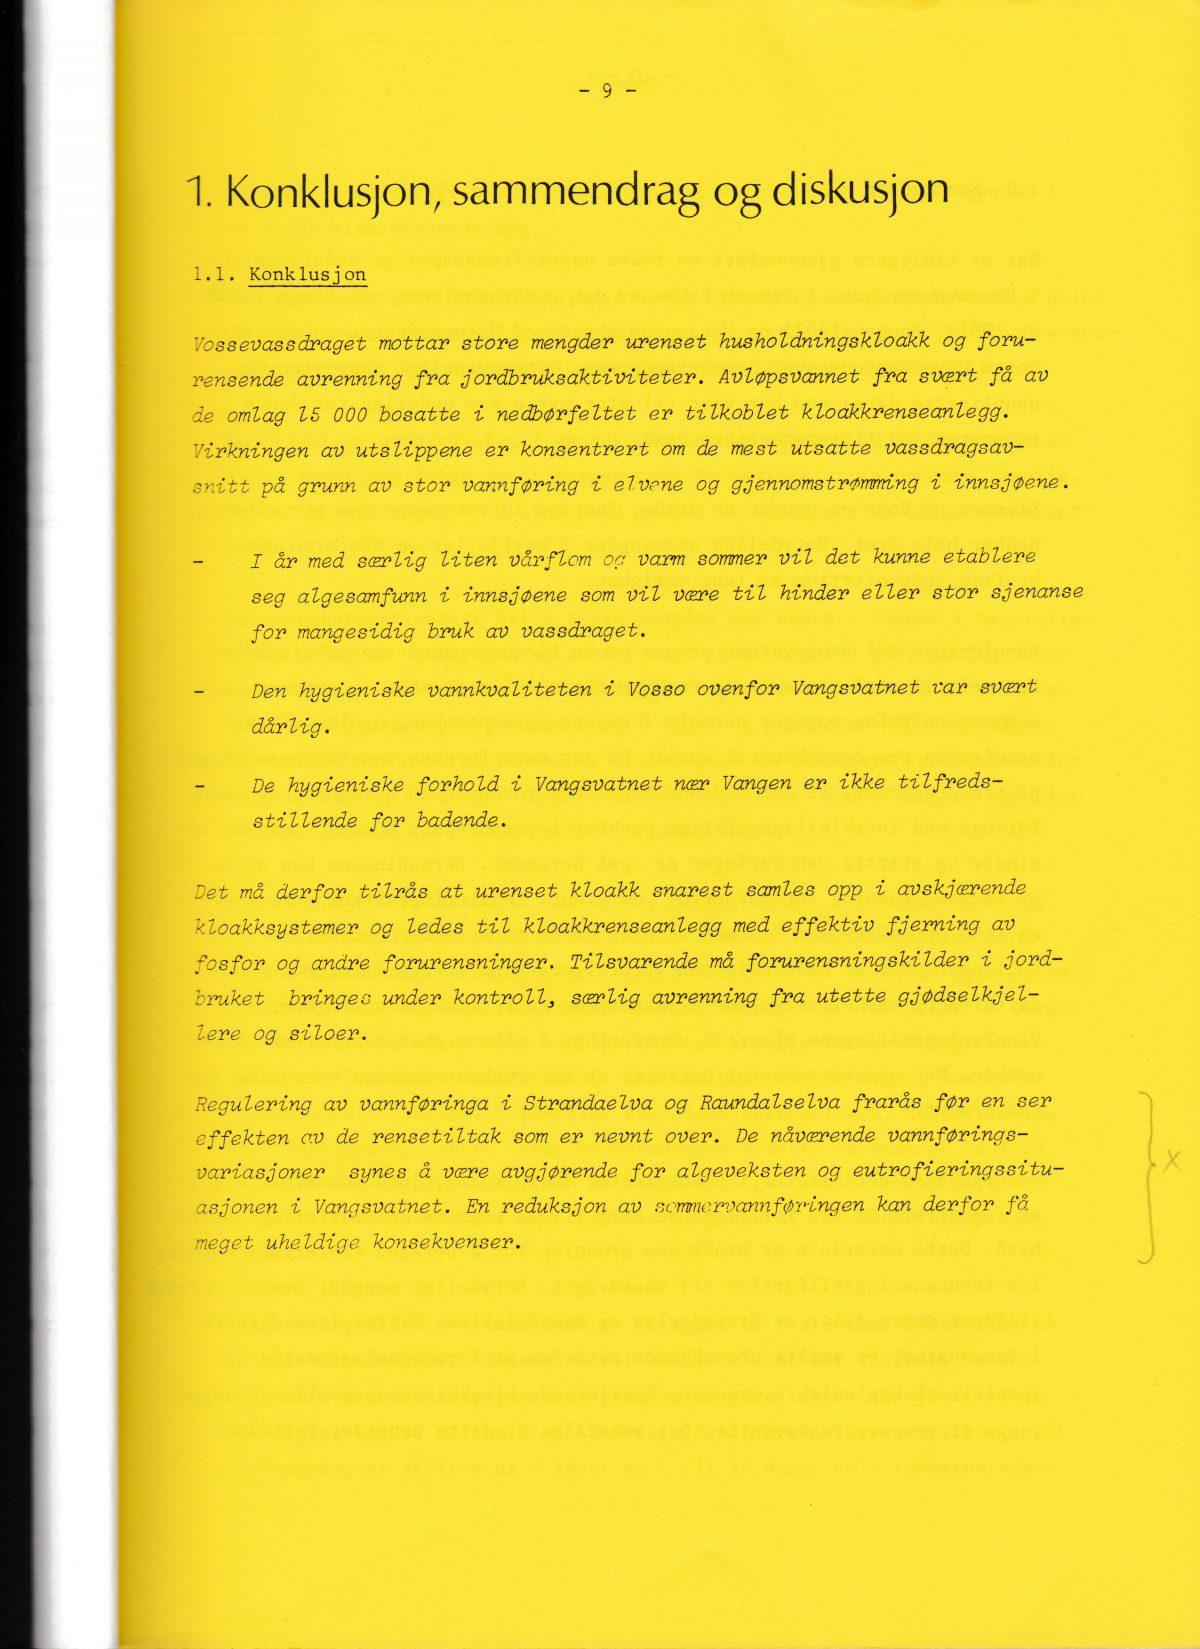 NIVA: Undersøkelse av Vossovassdraget 1977